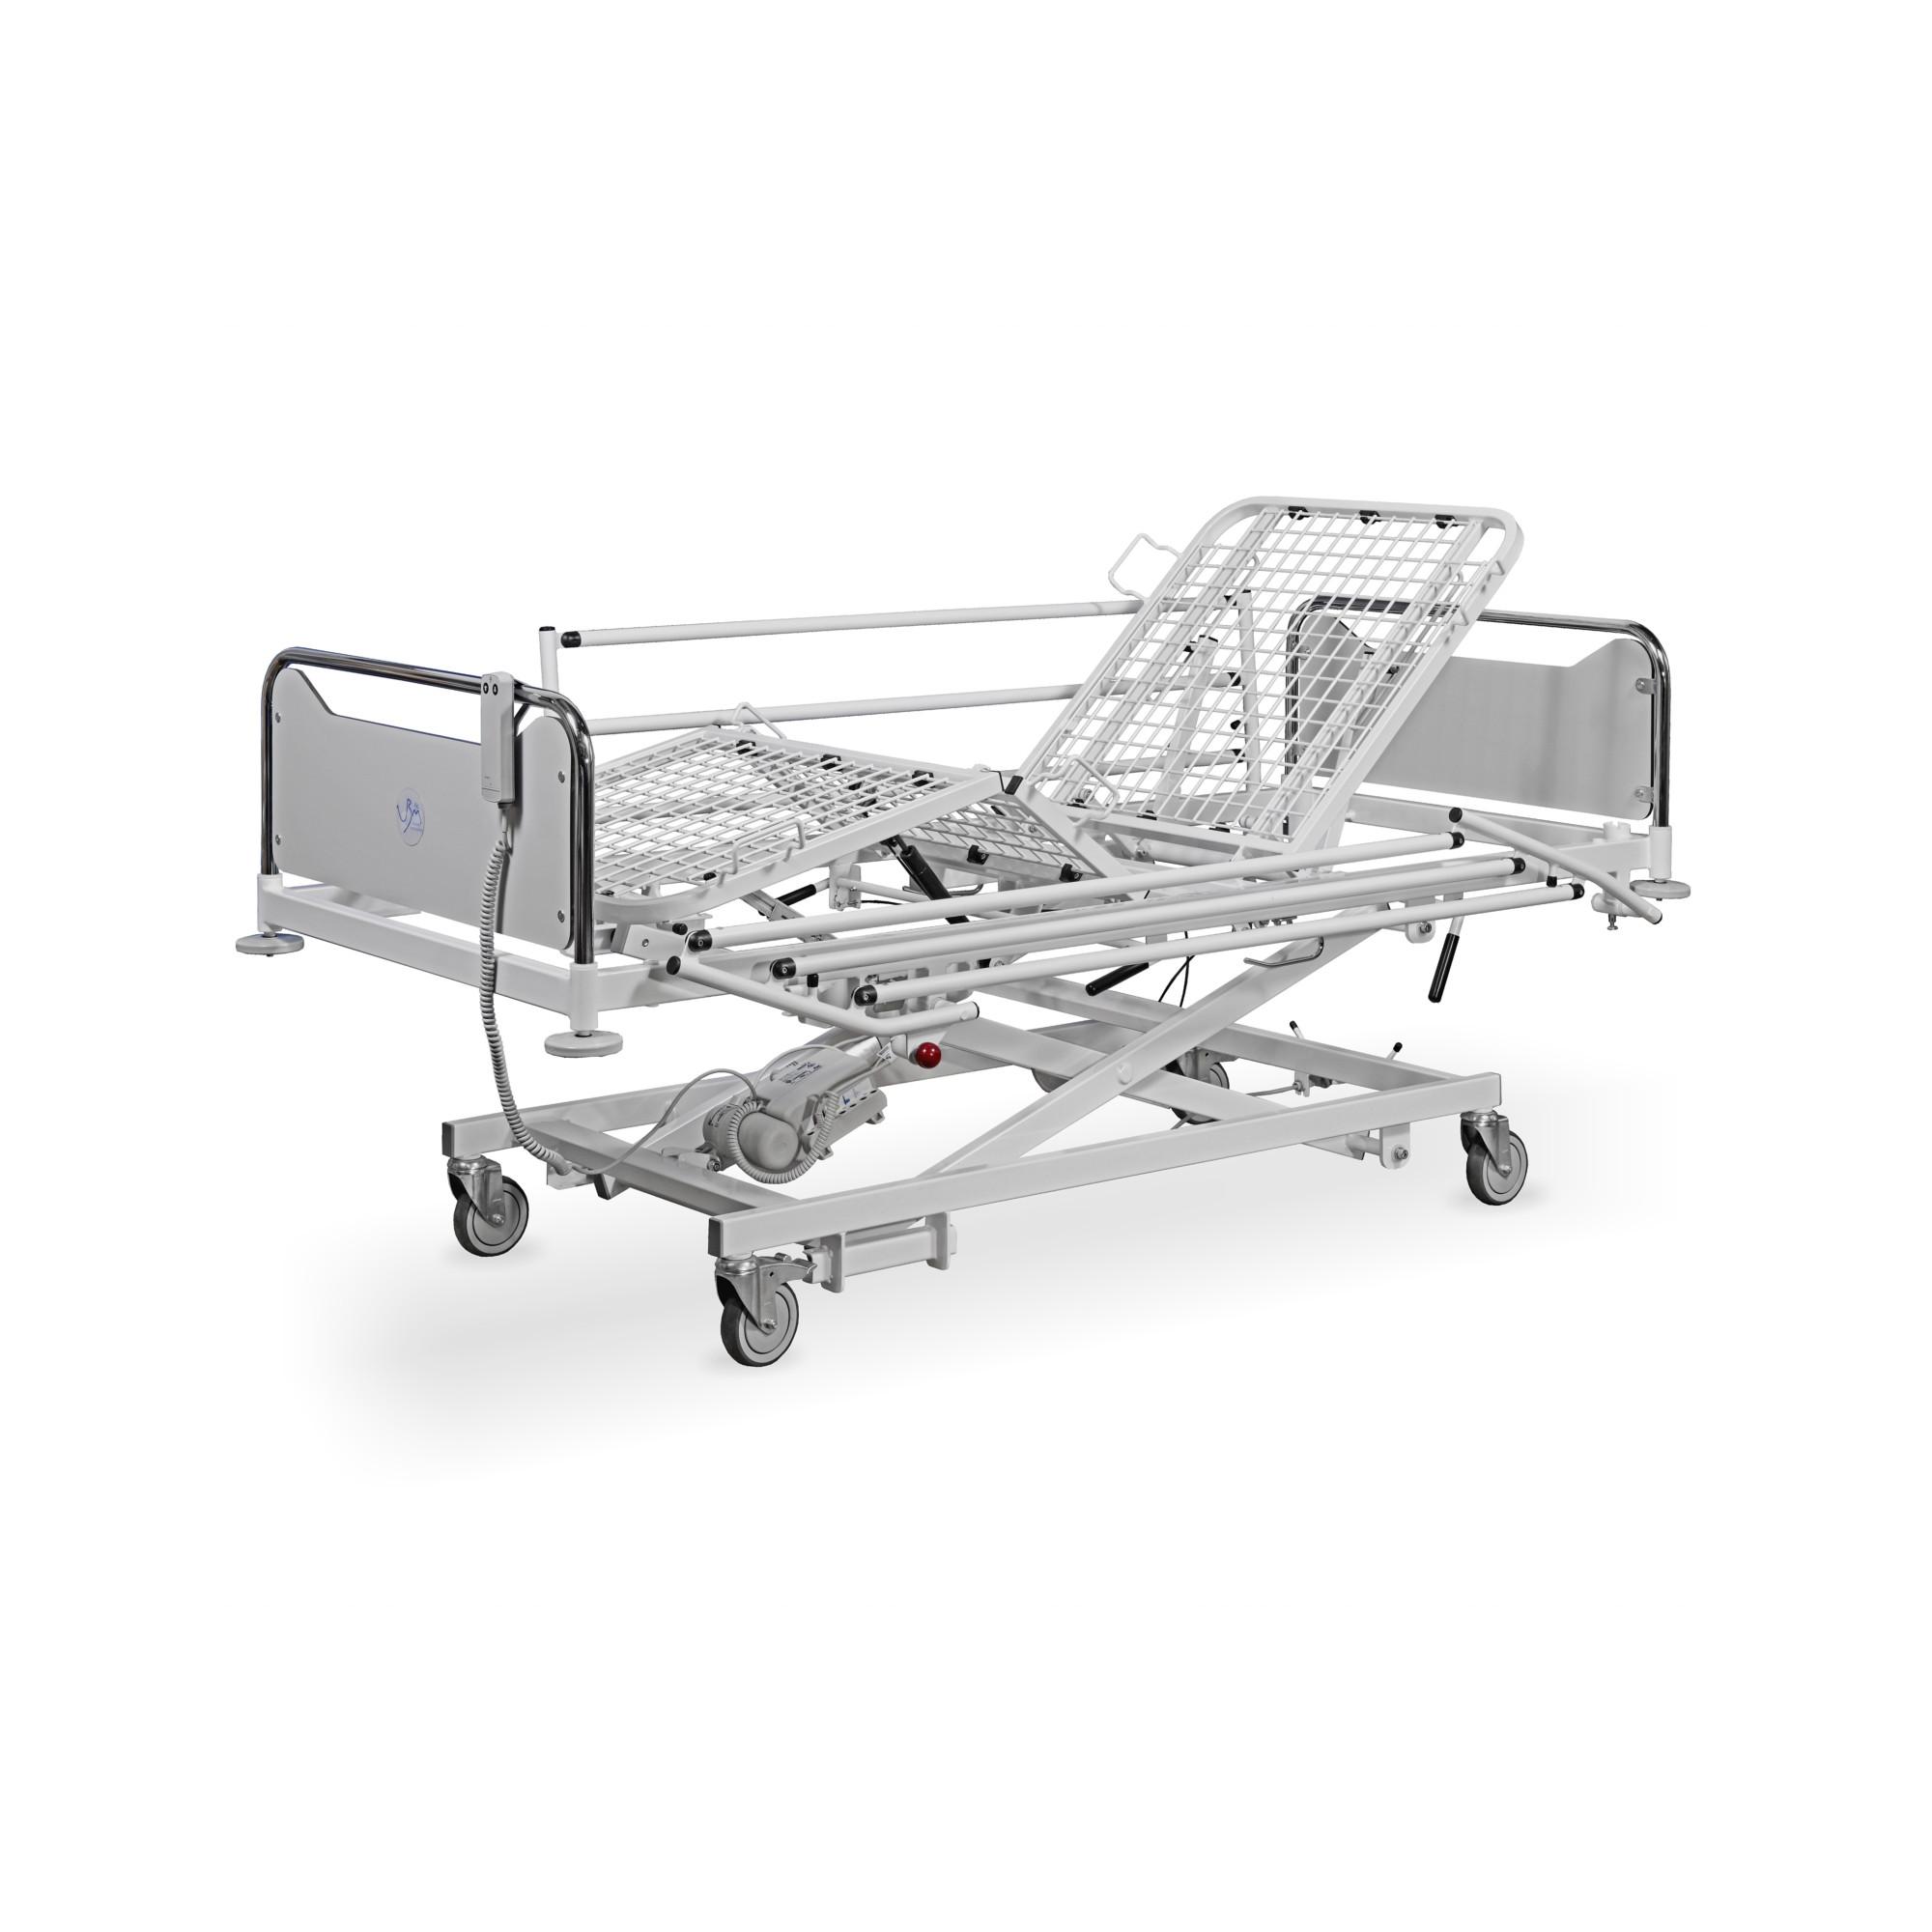 Rehabilitacyjne łóżka Szpitalne Medyczne I Rehabilitacyjne